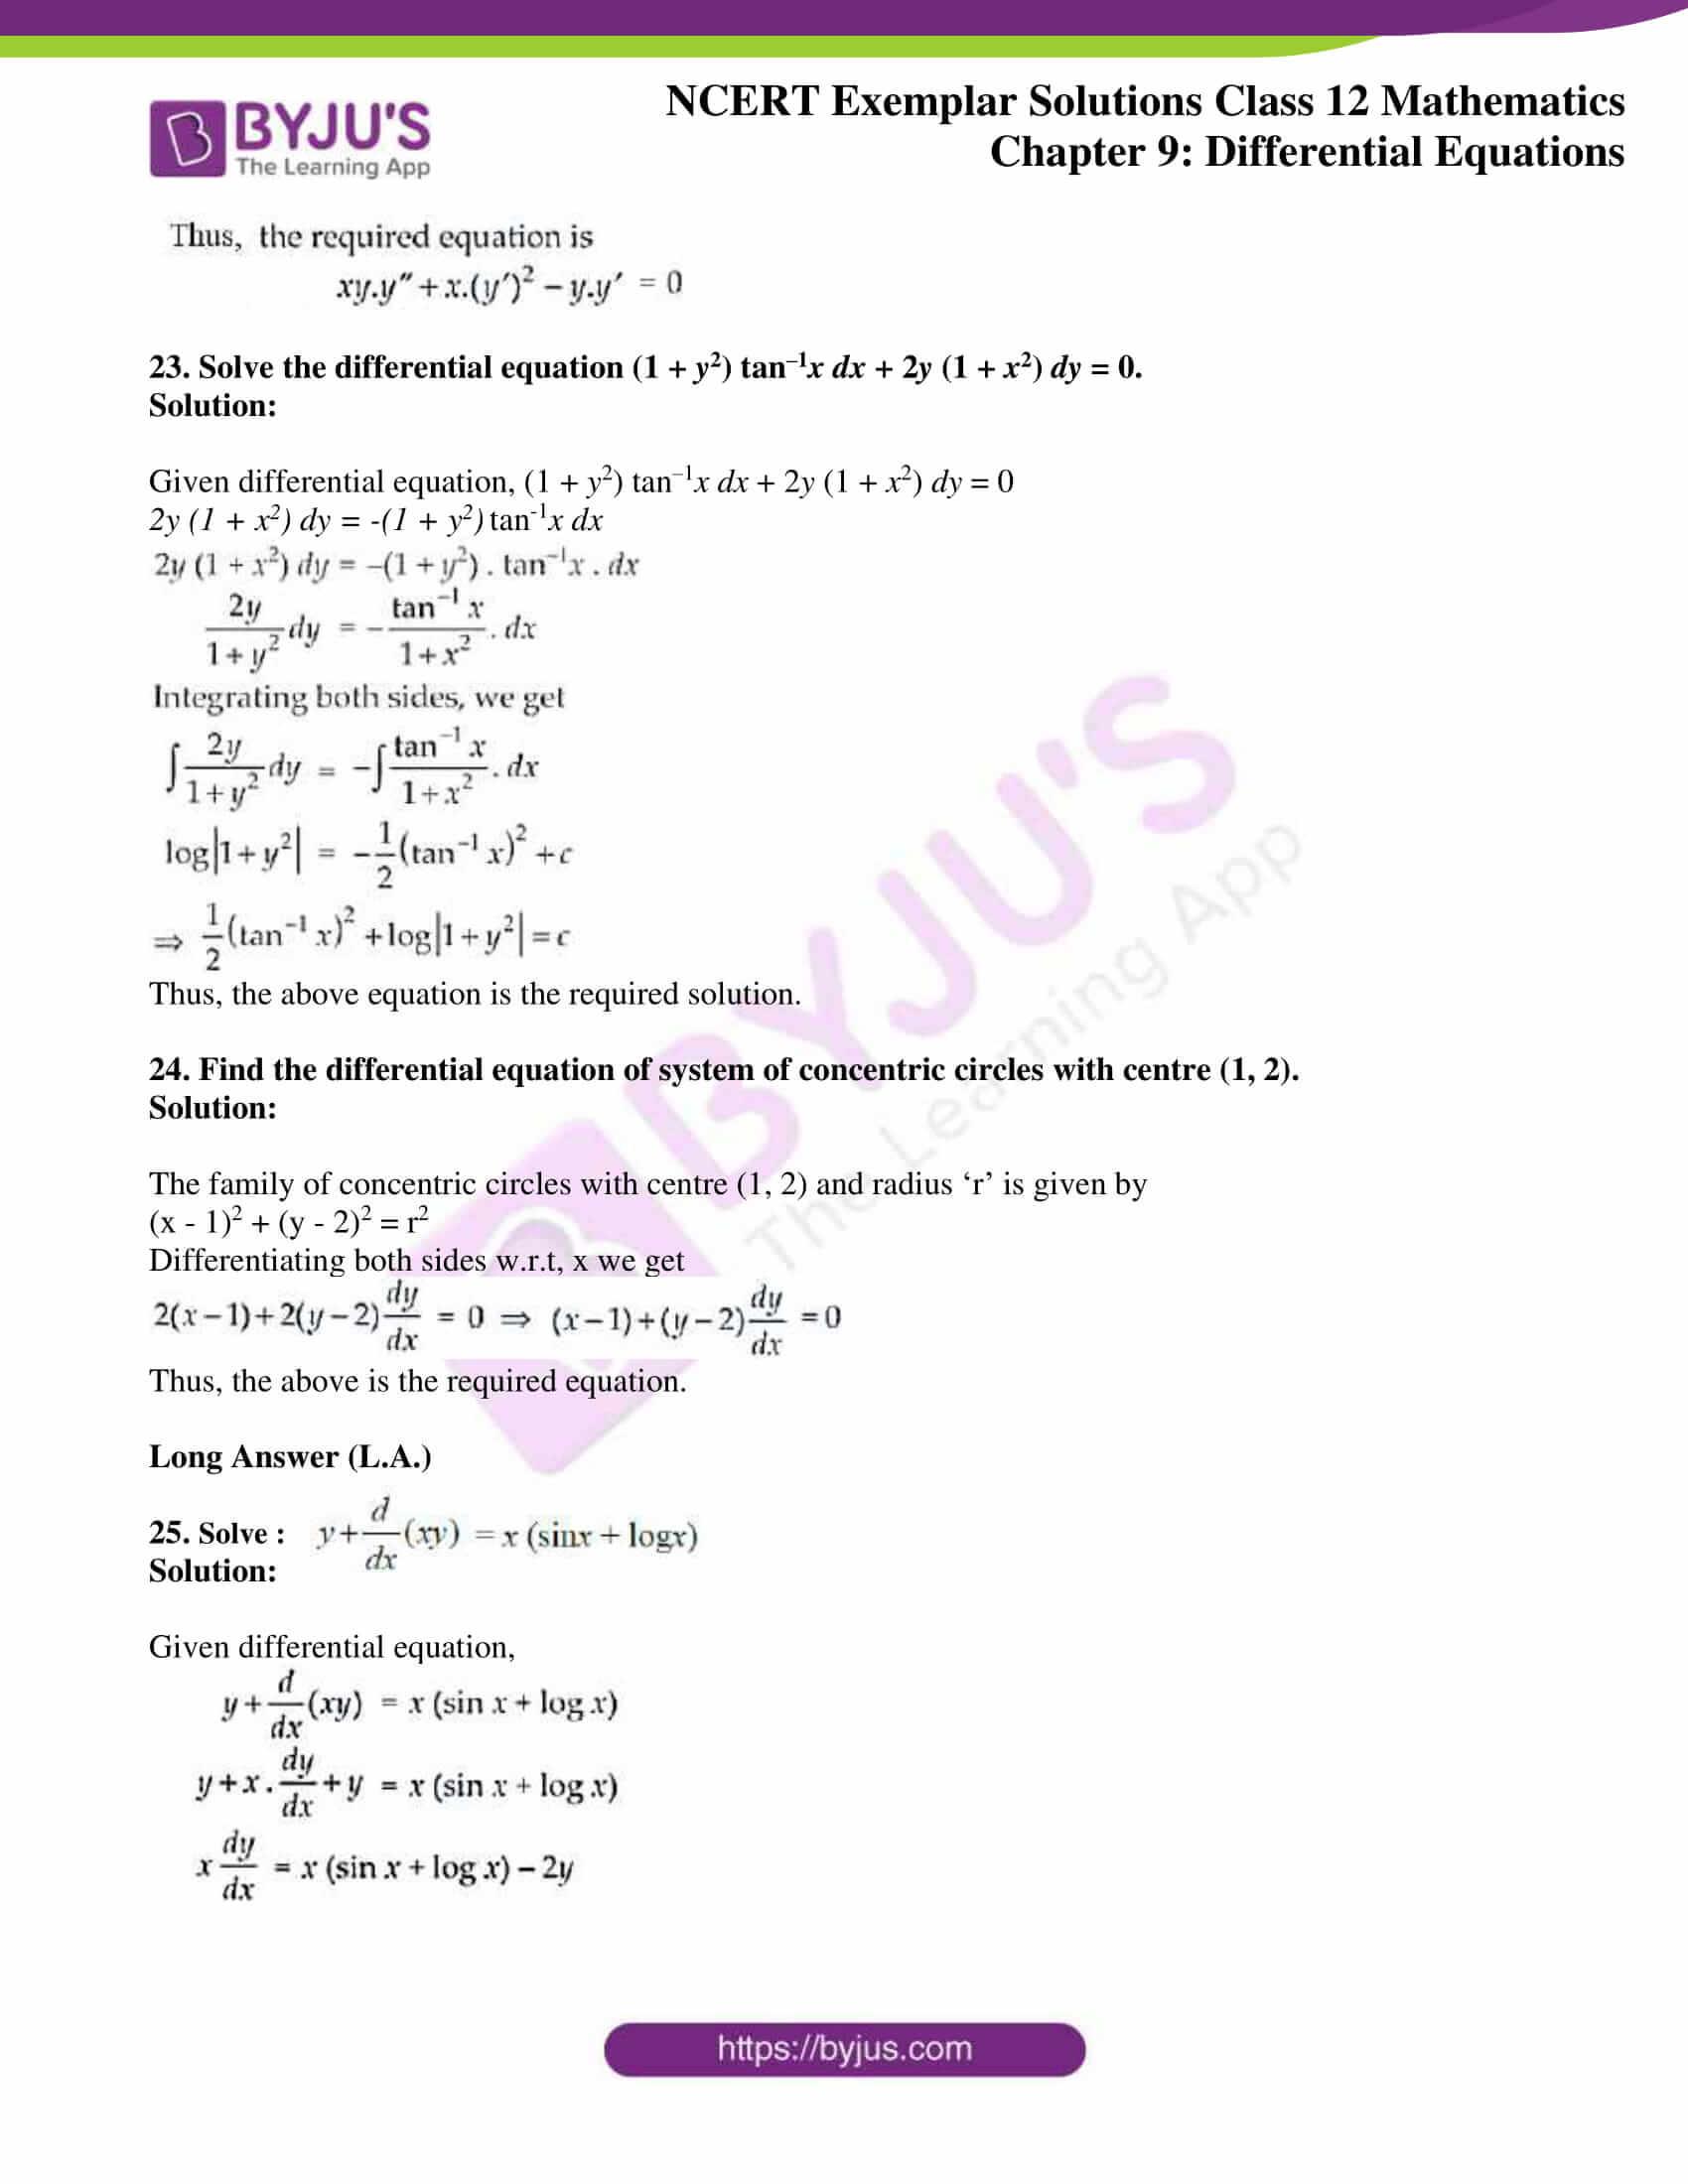 ncert exemplar sol class 12 mathematics ch 9 14